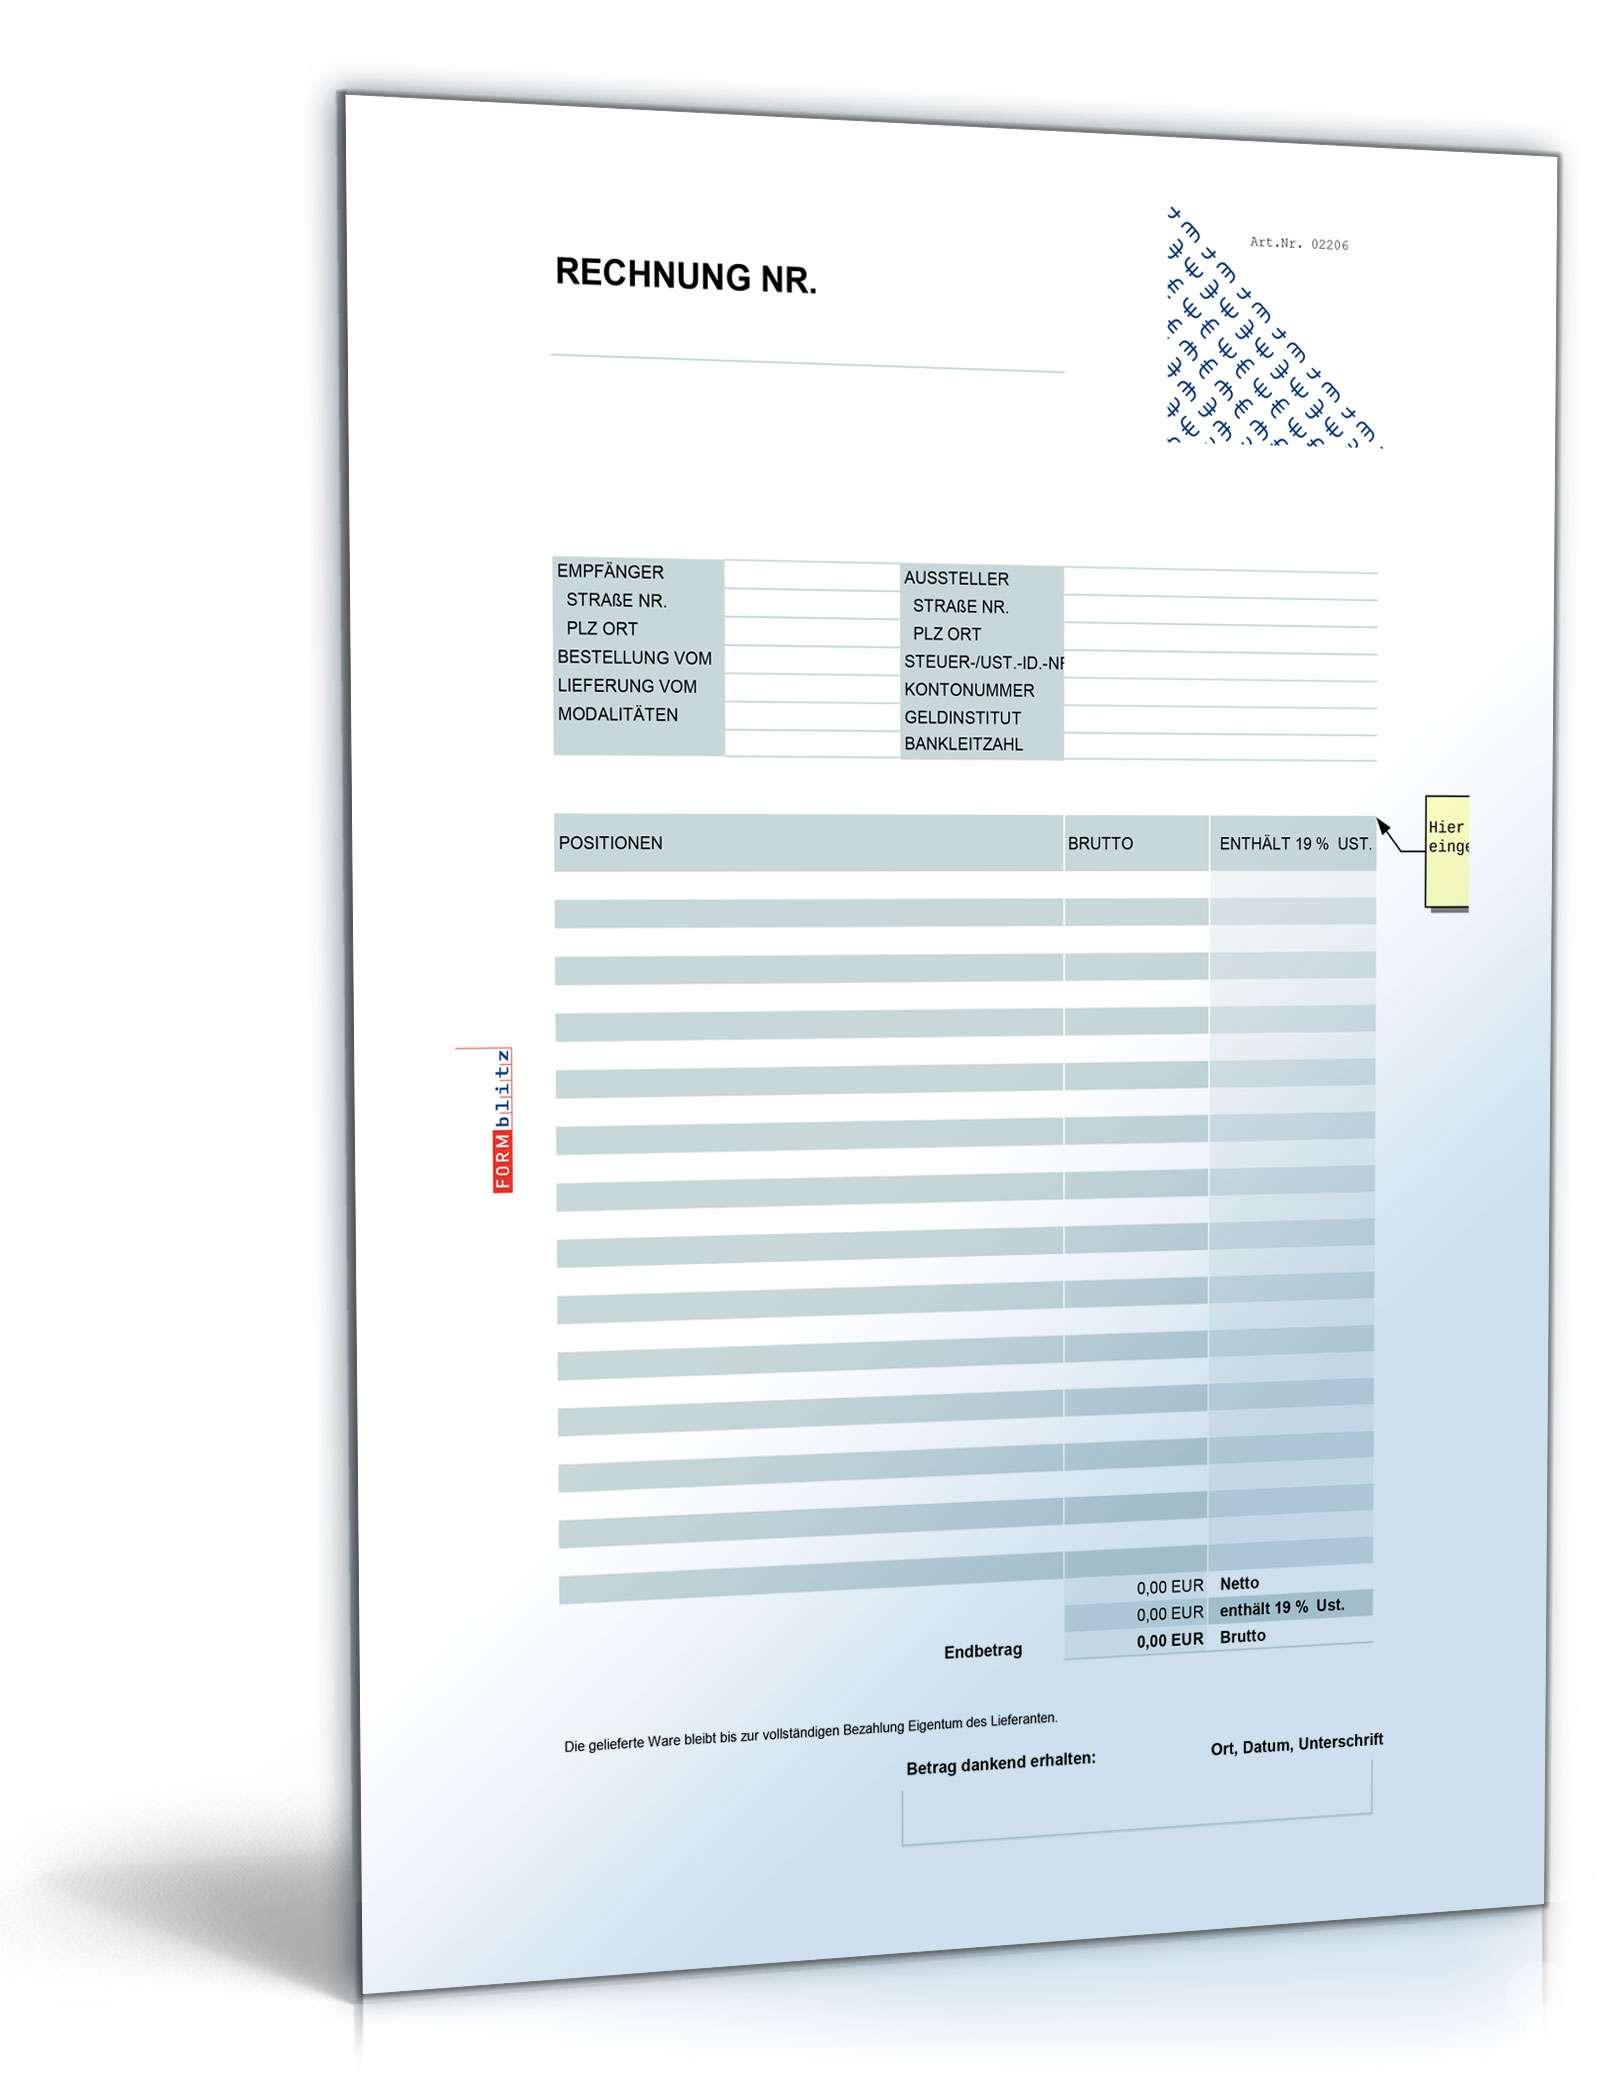 Rechnung Brutto Umsatzsteuer Variabel Muster Zum Download